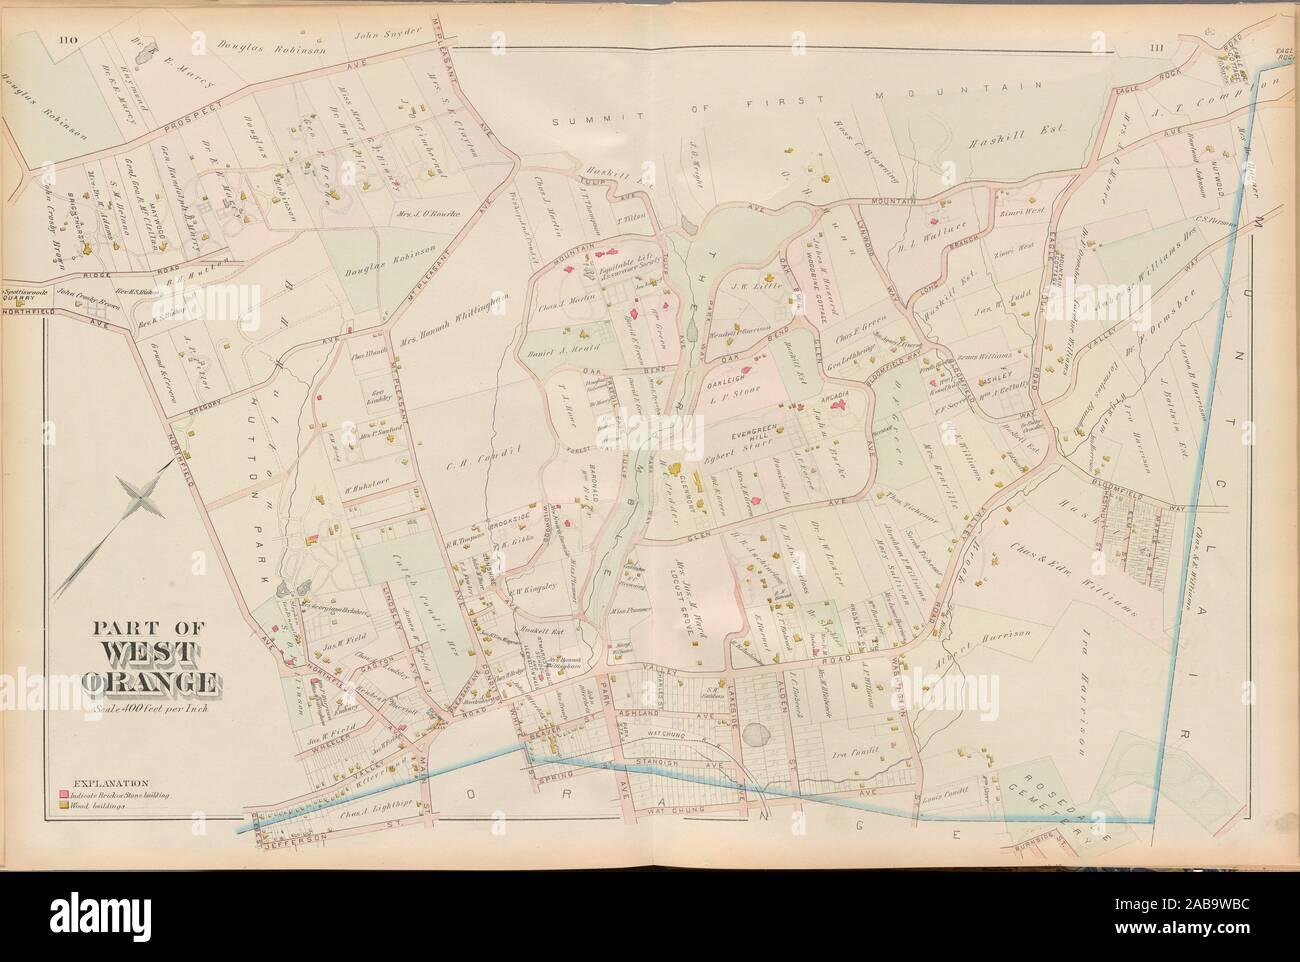 Le Comté d'Essex, Page de gauche: Plaque [Partie de West Orange]. E. Robinson (éditeur) Pidgeon, Roger H. (éditeur). Atlas de l'United States New Jersey Banque D'Images